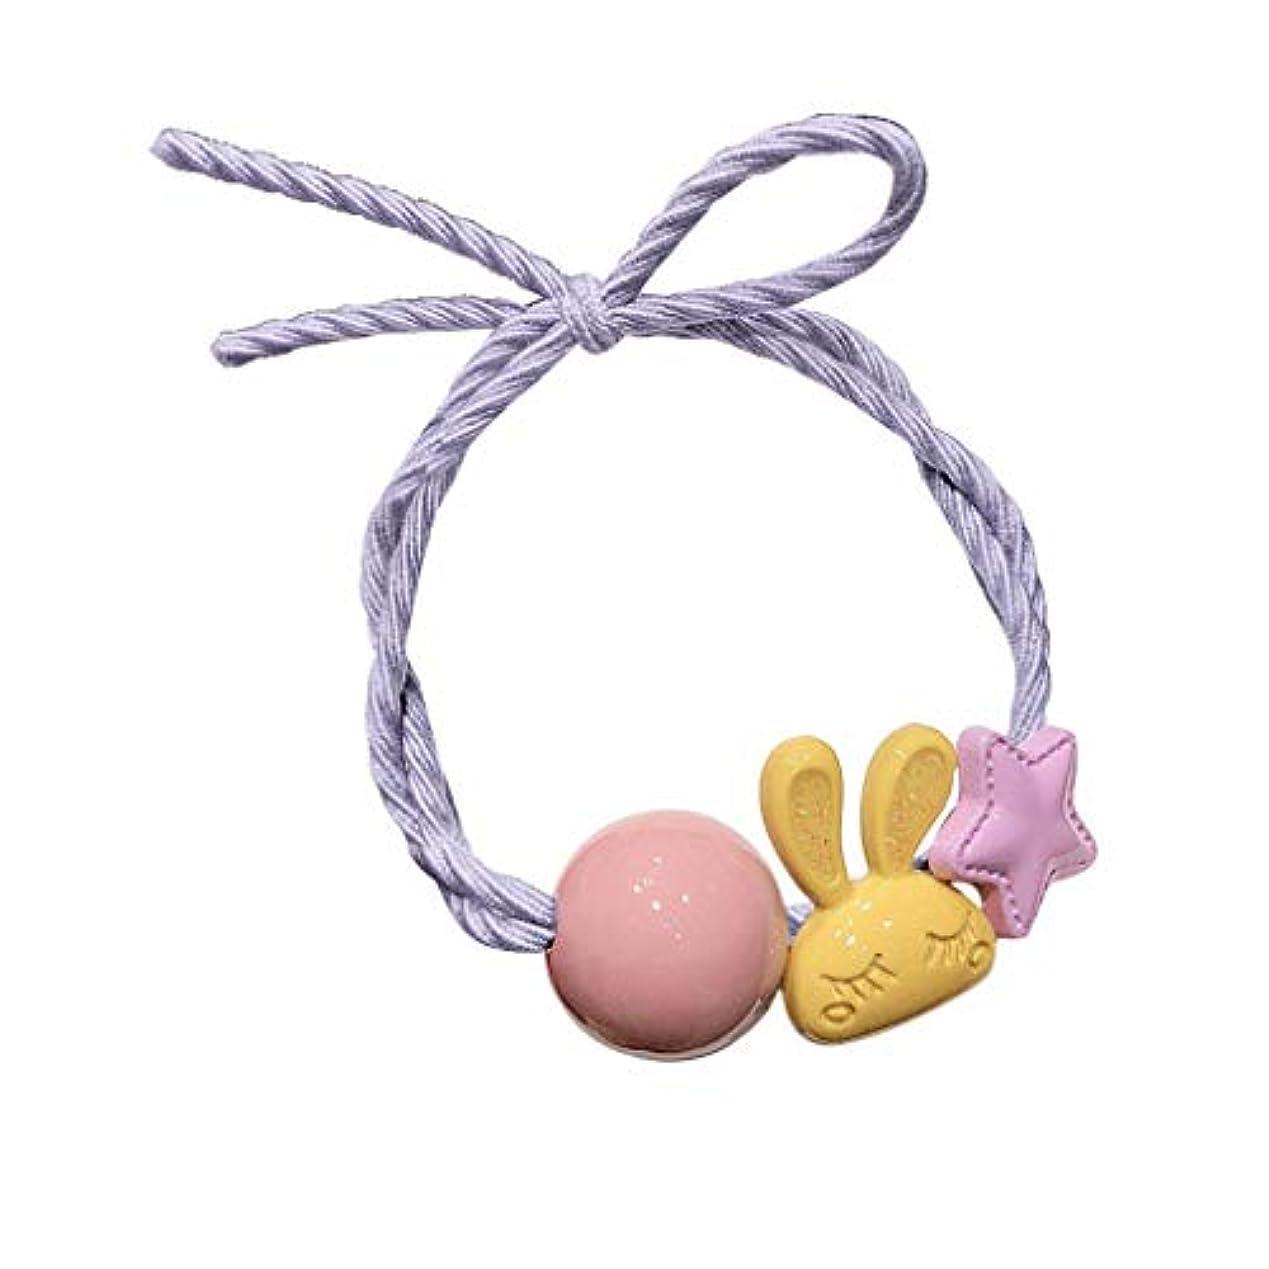 振る舞う時間地元女性の女の子子供のヘアバンドネクタイロープリング弾性ヘアバンドポニーテールホルダー ウサギの髪のリングブレスレットデュアルヘッドロープの女の子シンプルな髪のロープ韓国ネット赤いネクタイヘアバンドヘアアクセサリー (C)